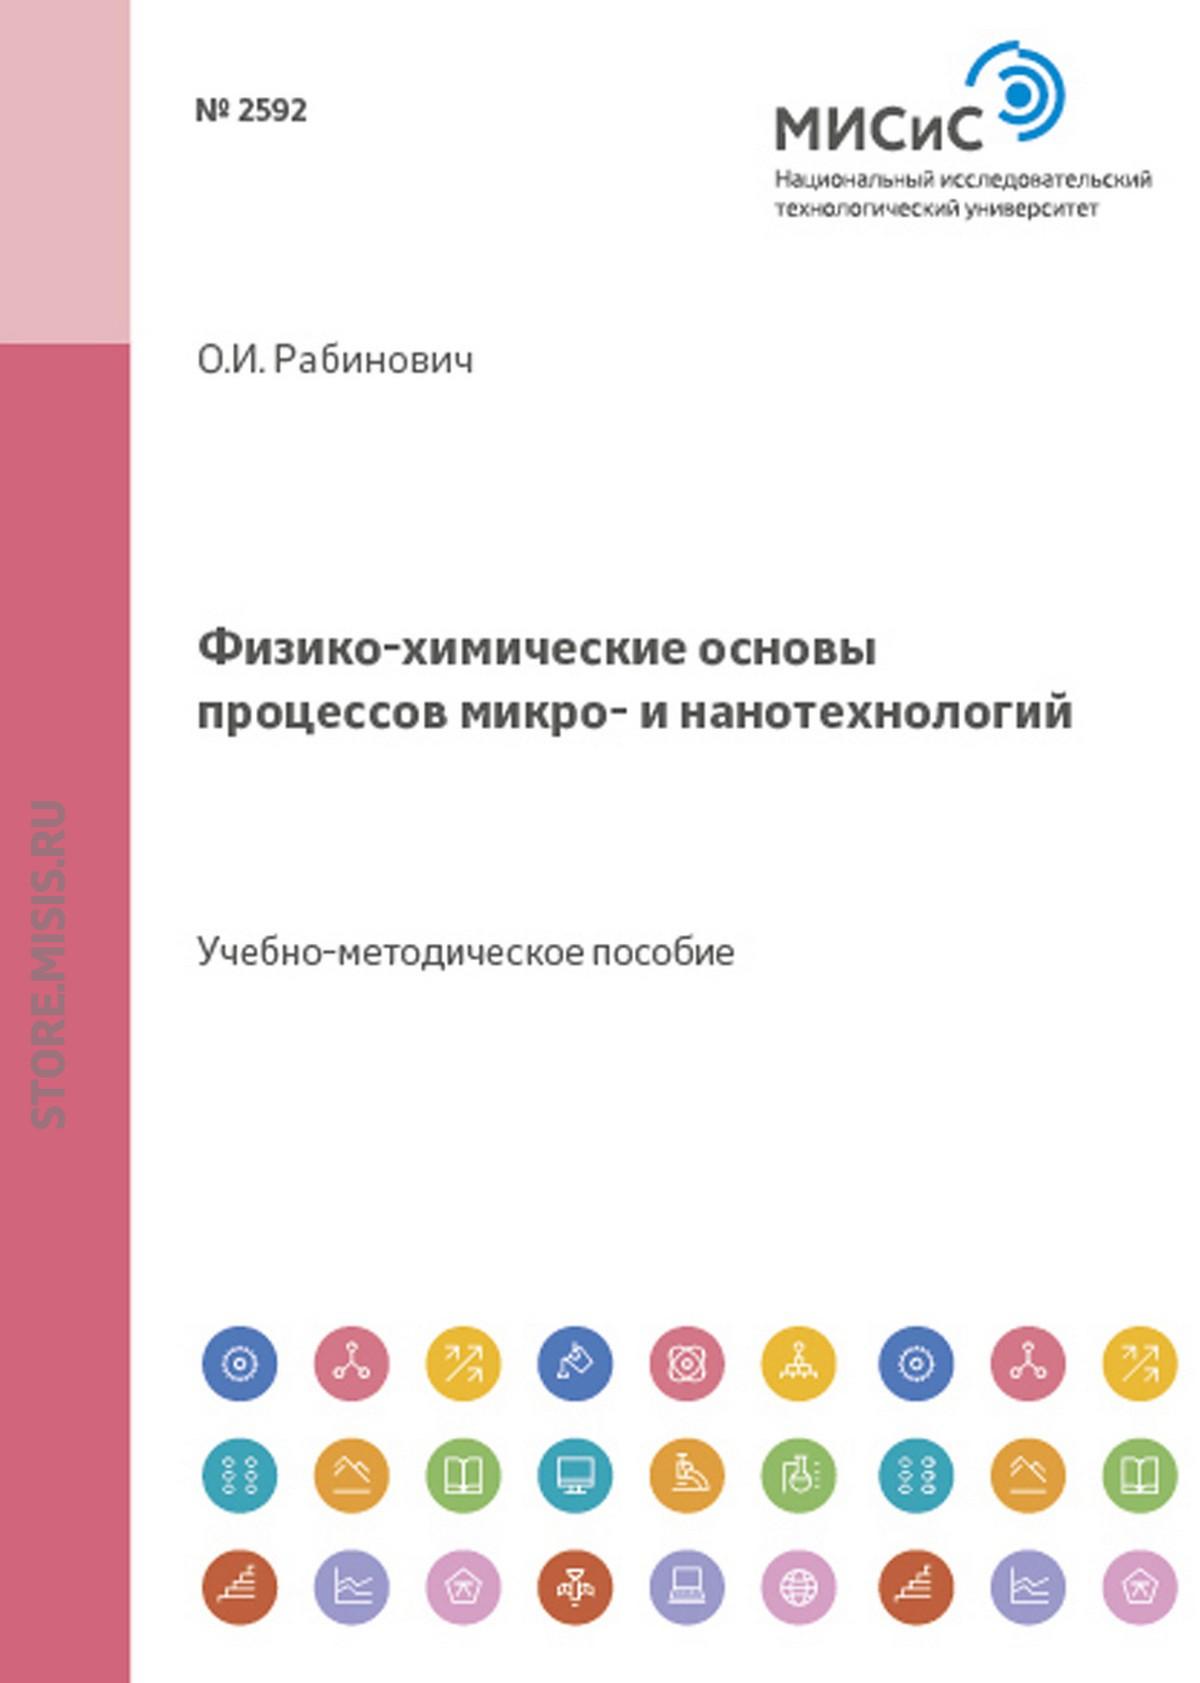 Дмитрий Крутогин Физико-химические основы процессов микро- и нанотехнологий физико химические основы создания элементов снаряжения низкотемпературных газогенераторов